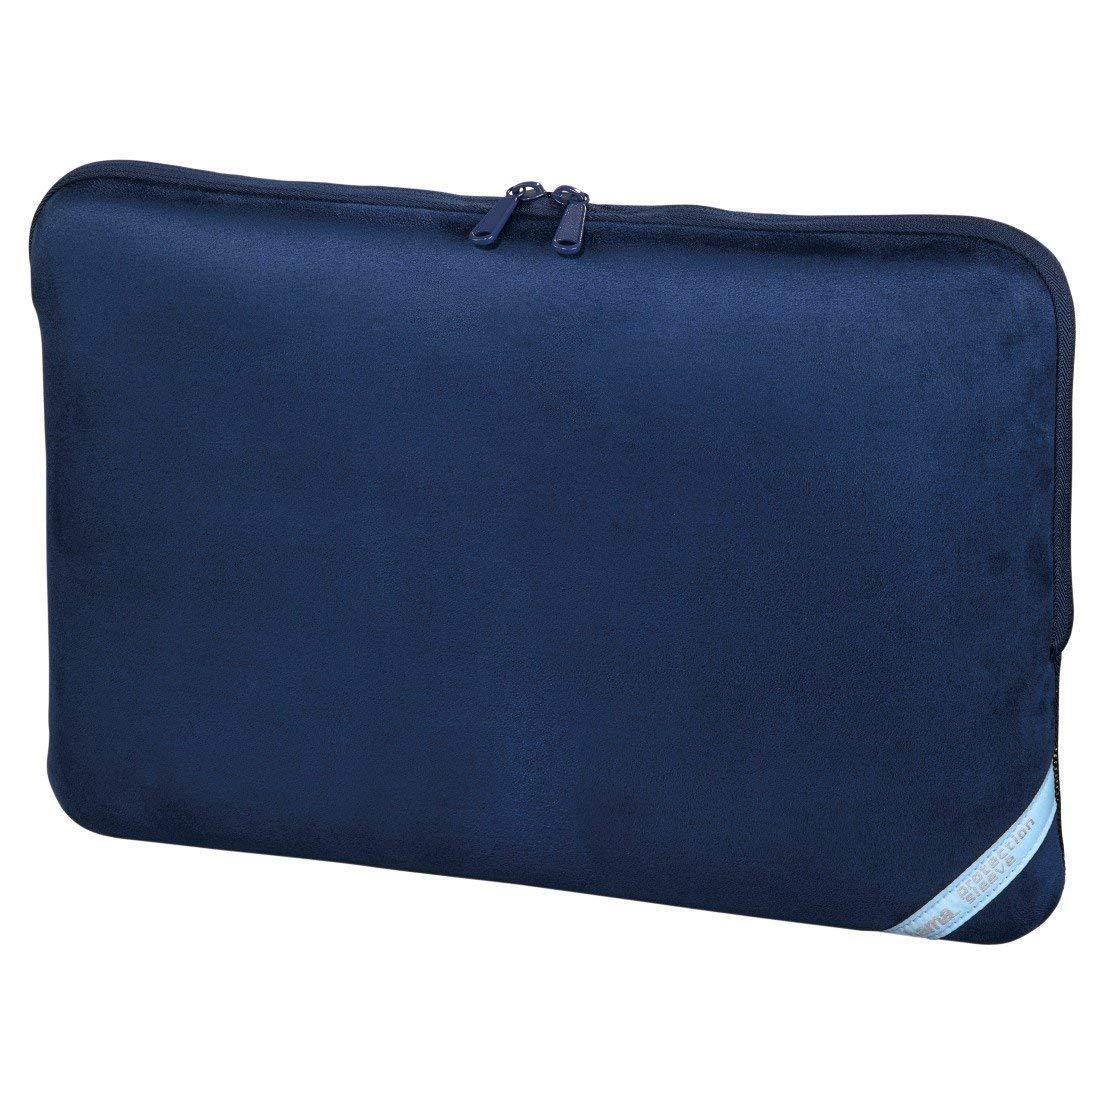 Hama Notebooktasche 17.3 Zoll Laptop Tasche Case blau Laptoptasche Sleeve Blau